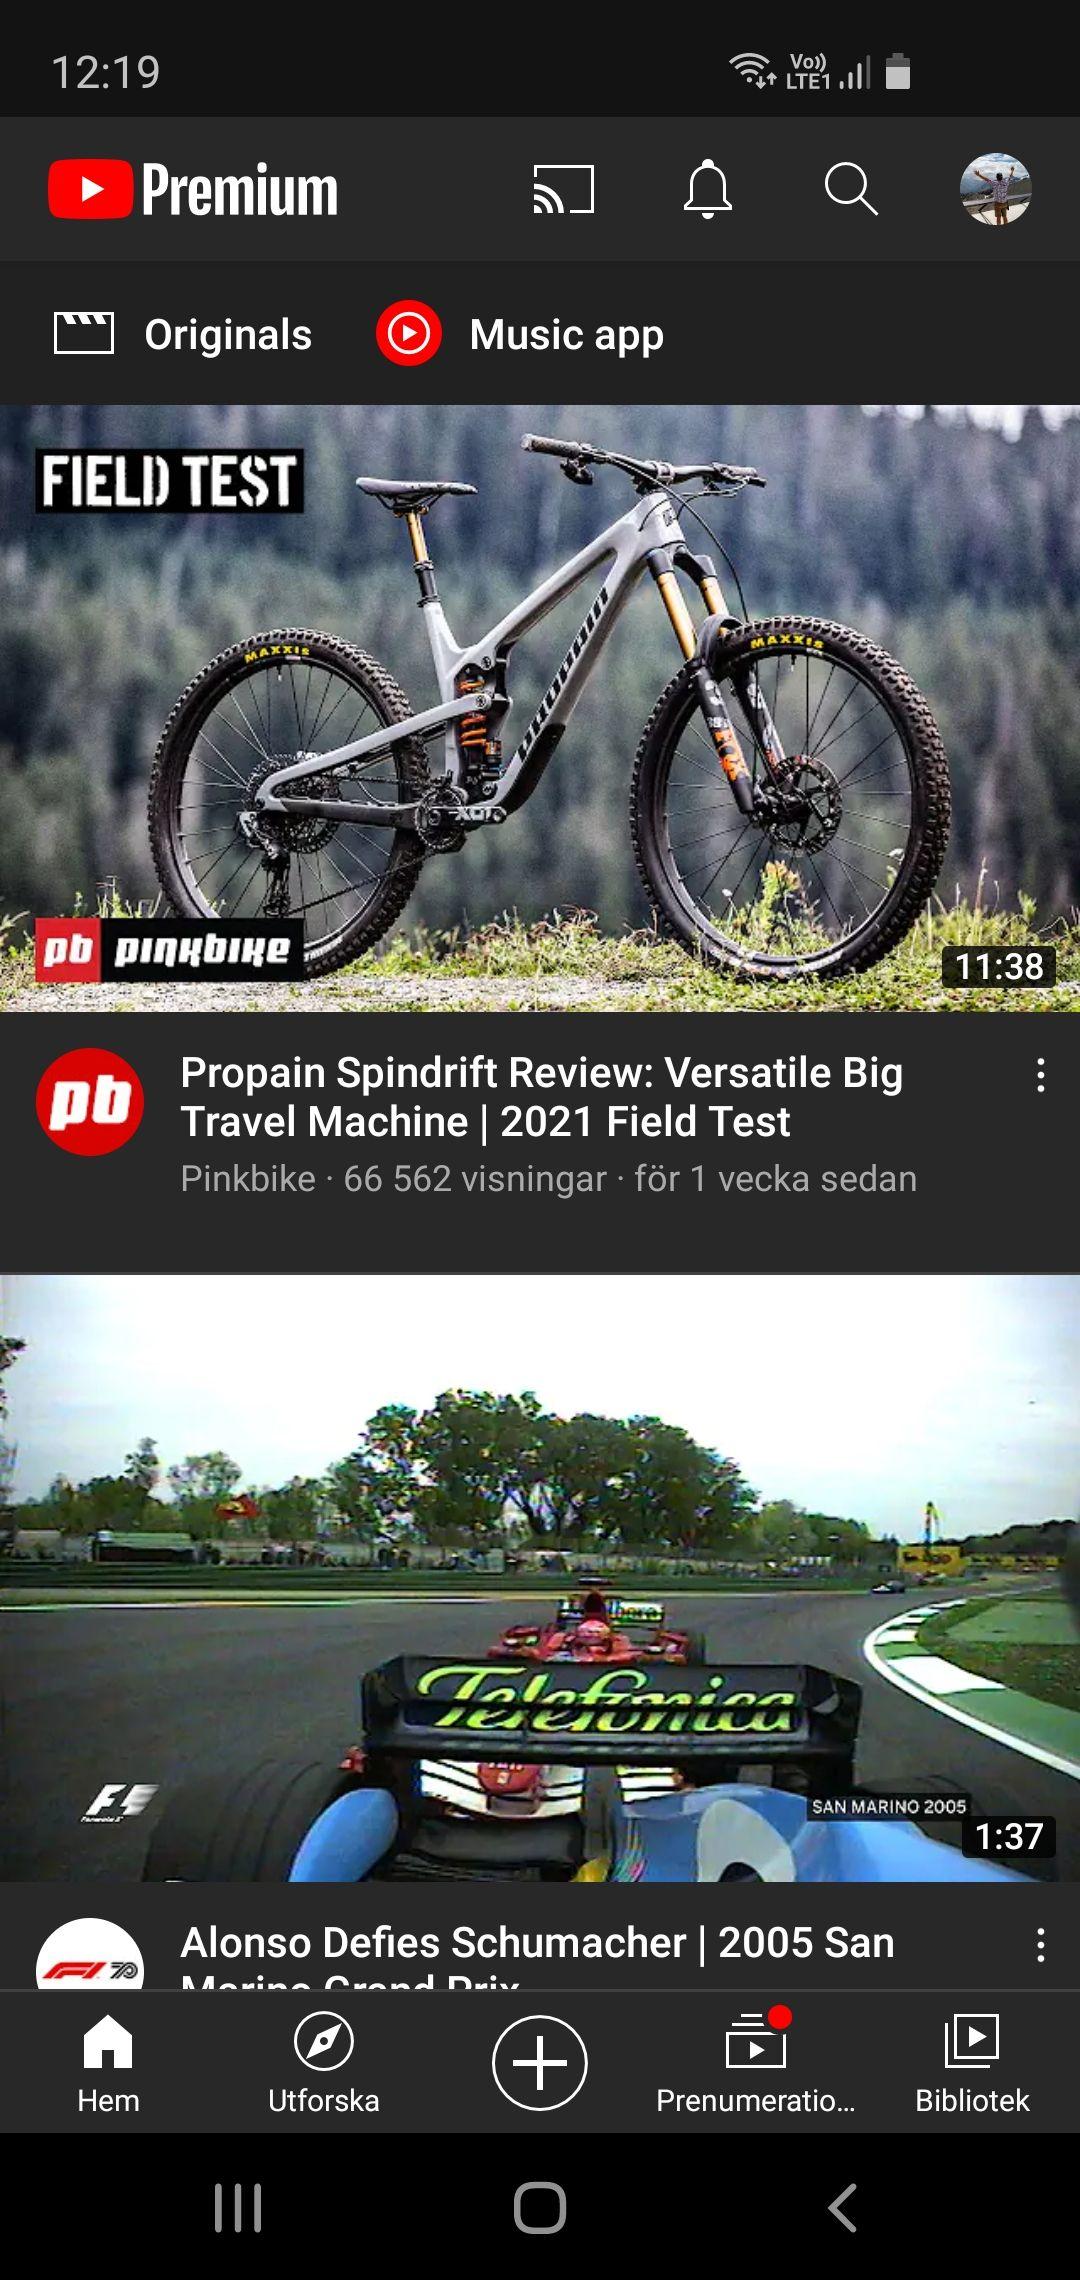 Screenshot_20201227-121915_YouTube.jpg